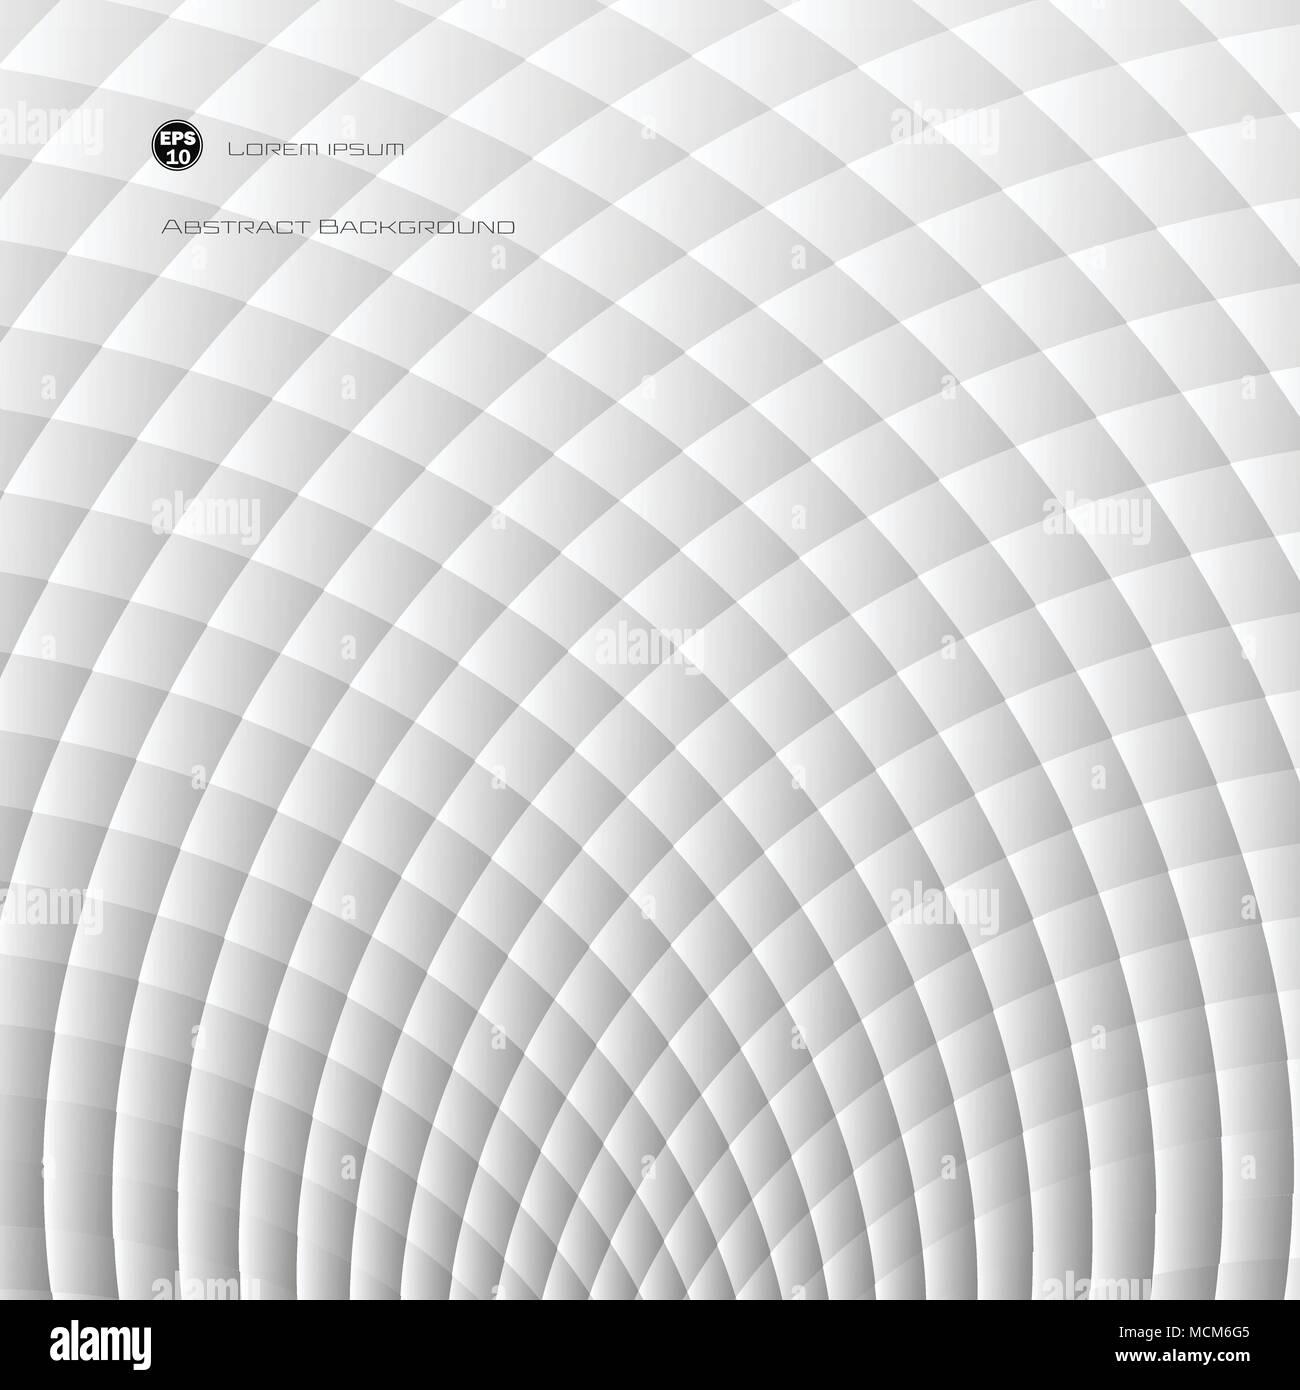 Zusammenfassung Von Grauen Geometrische Muster Hintergrund